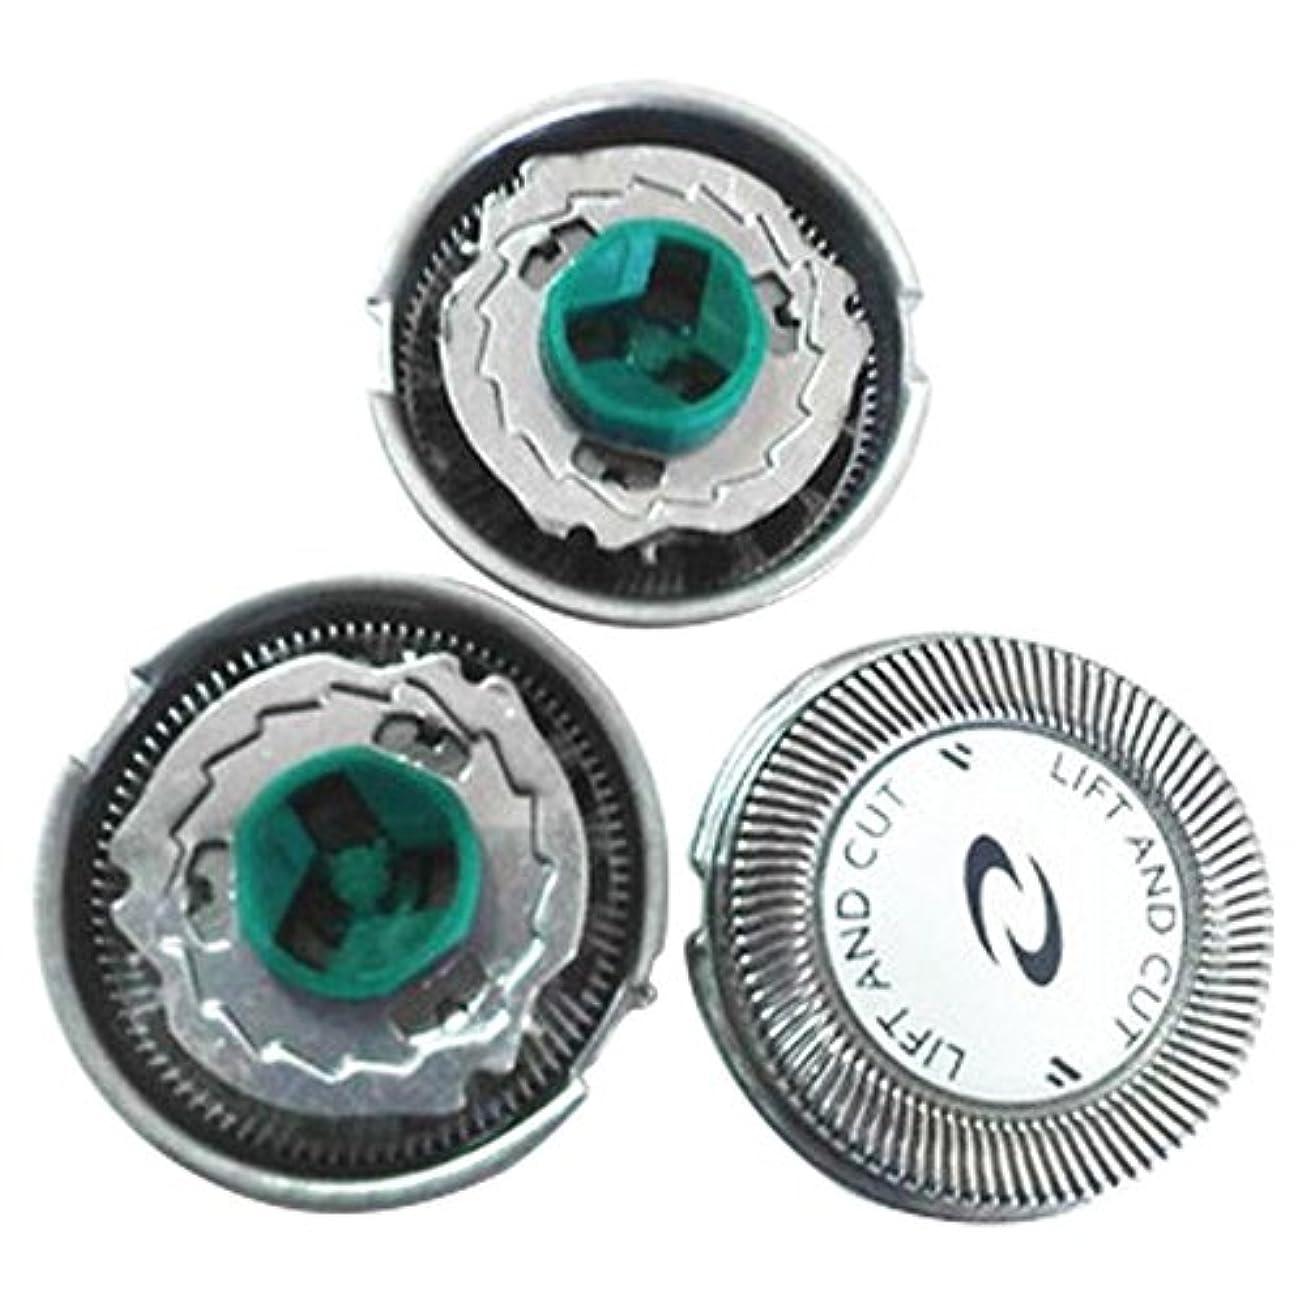 ラップトップ感じグローブHzjundasi 置換 シェーバー かみそり 頭 刃 for Philips HQ7310 PT720 PT725 HQ7140 HQ7390